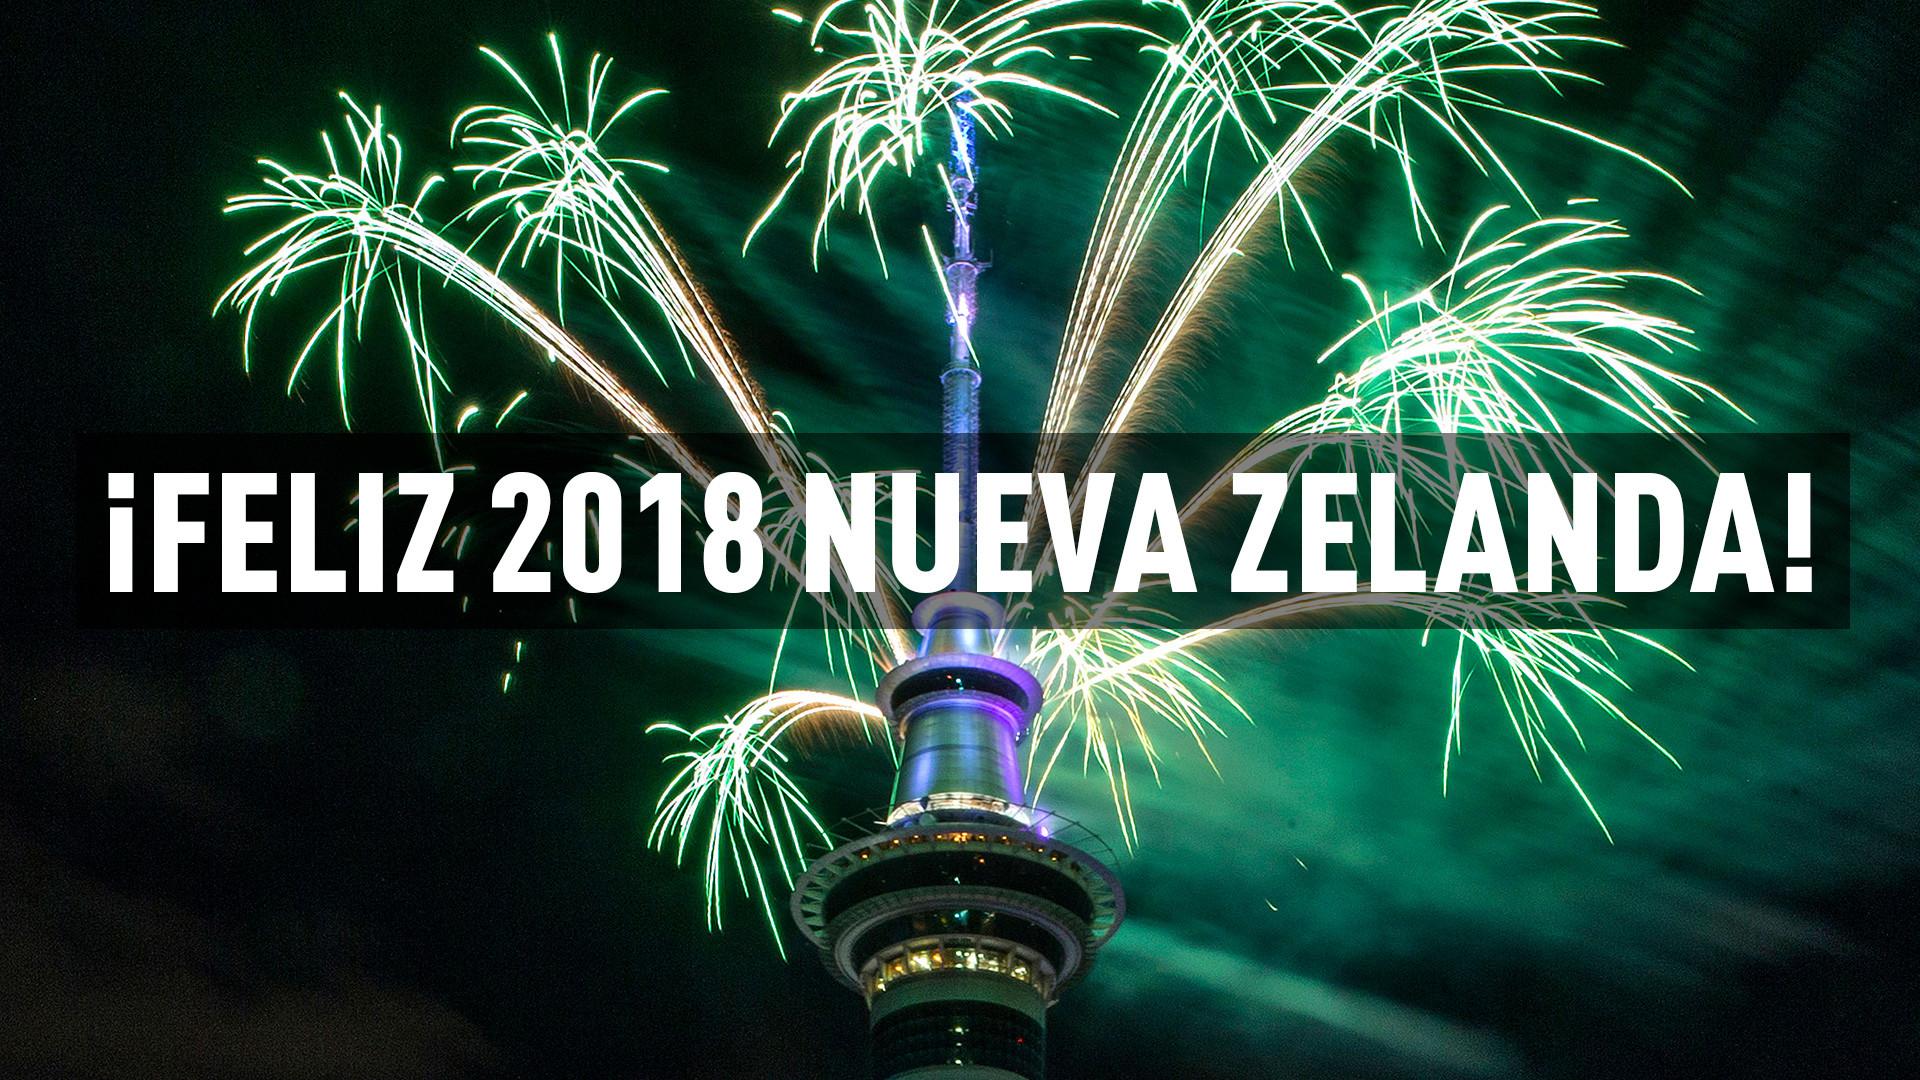 Así el mundo despide 2017 y da la bienvenida al año nuevo (VIDEOS)